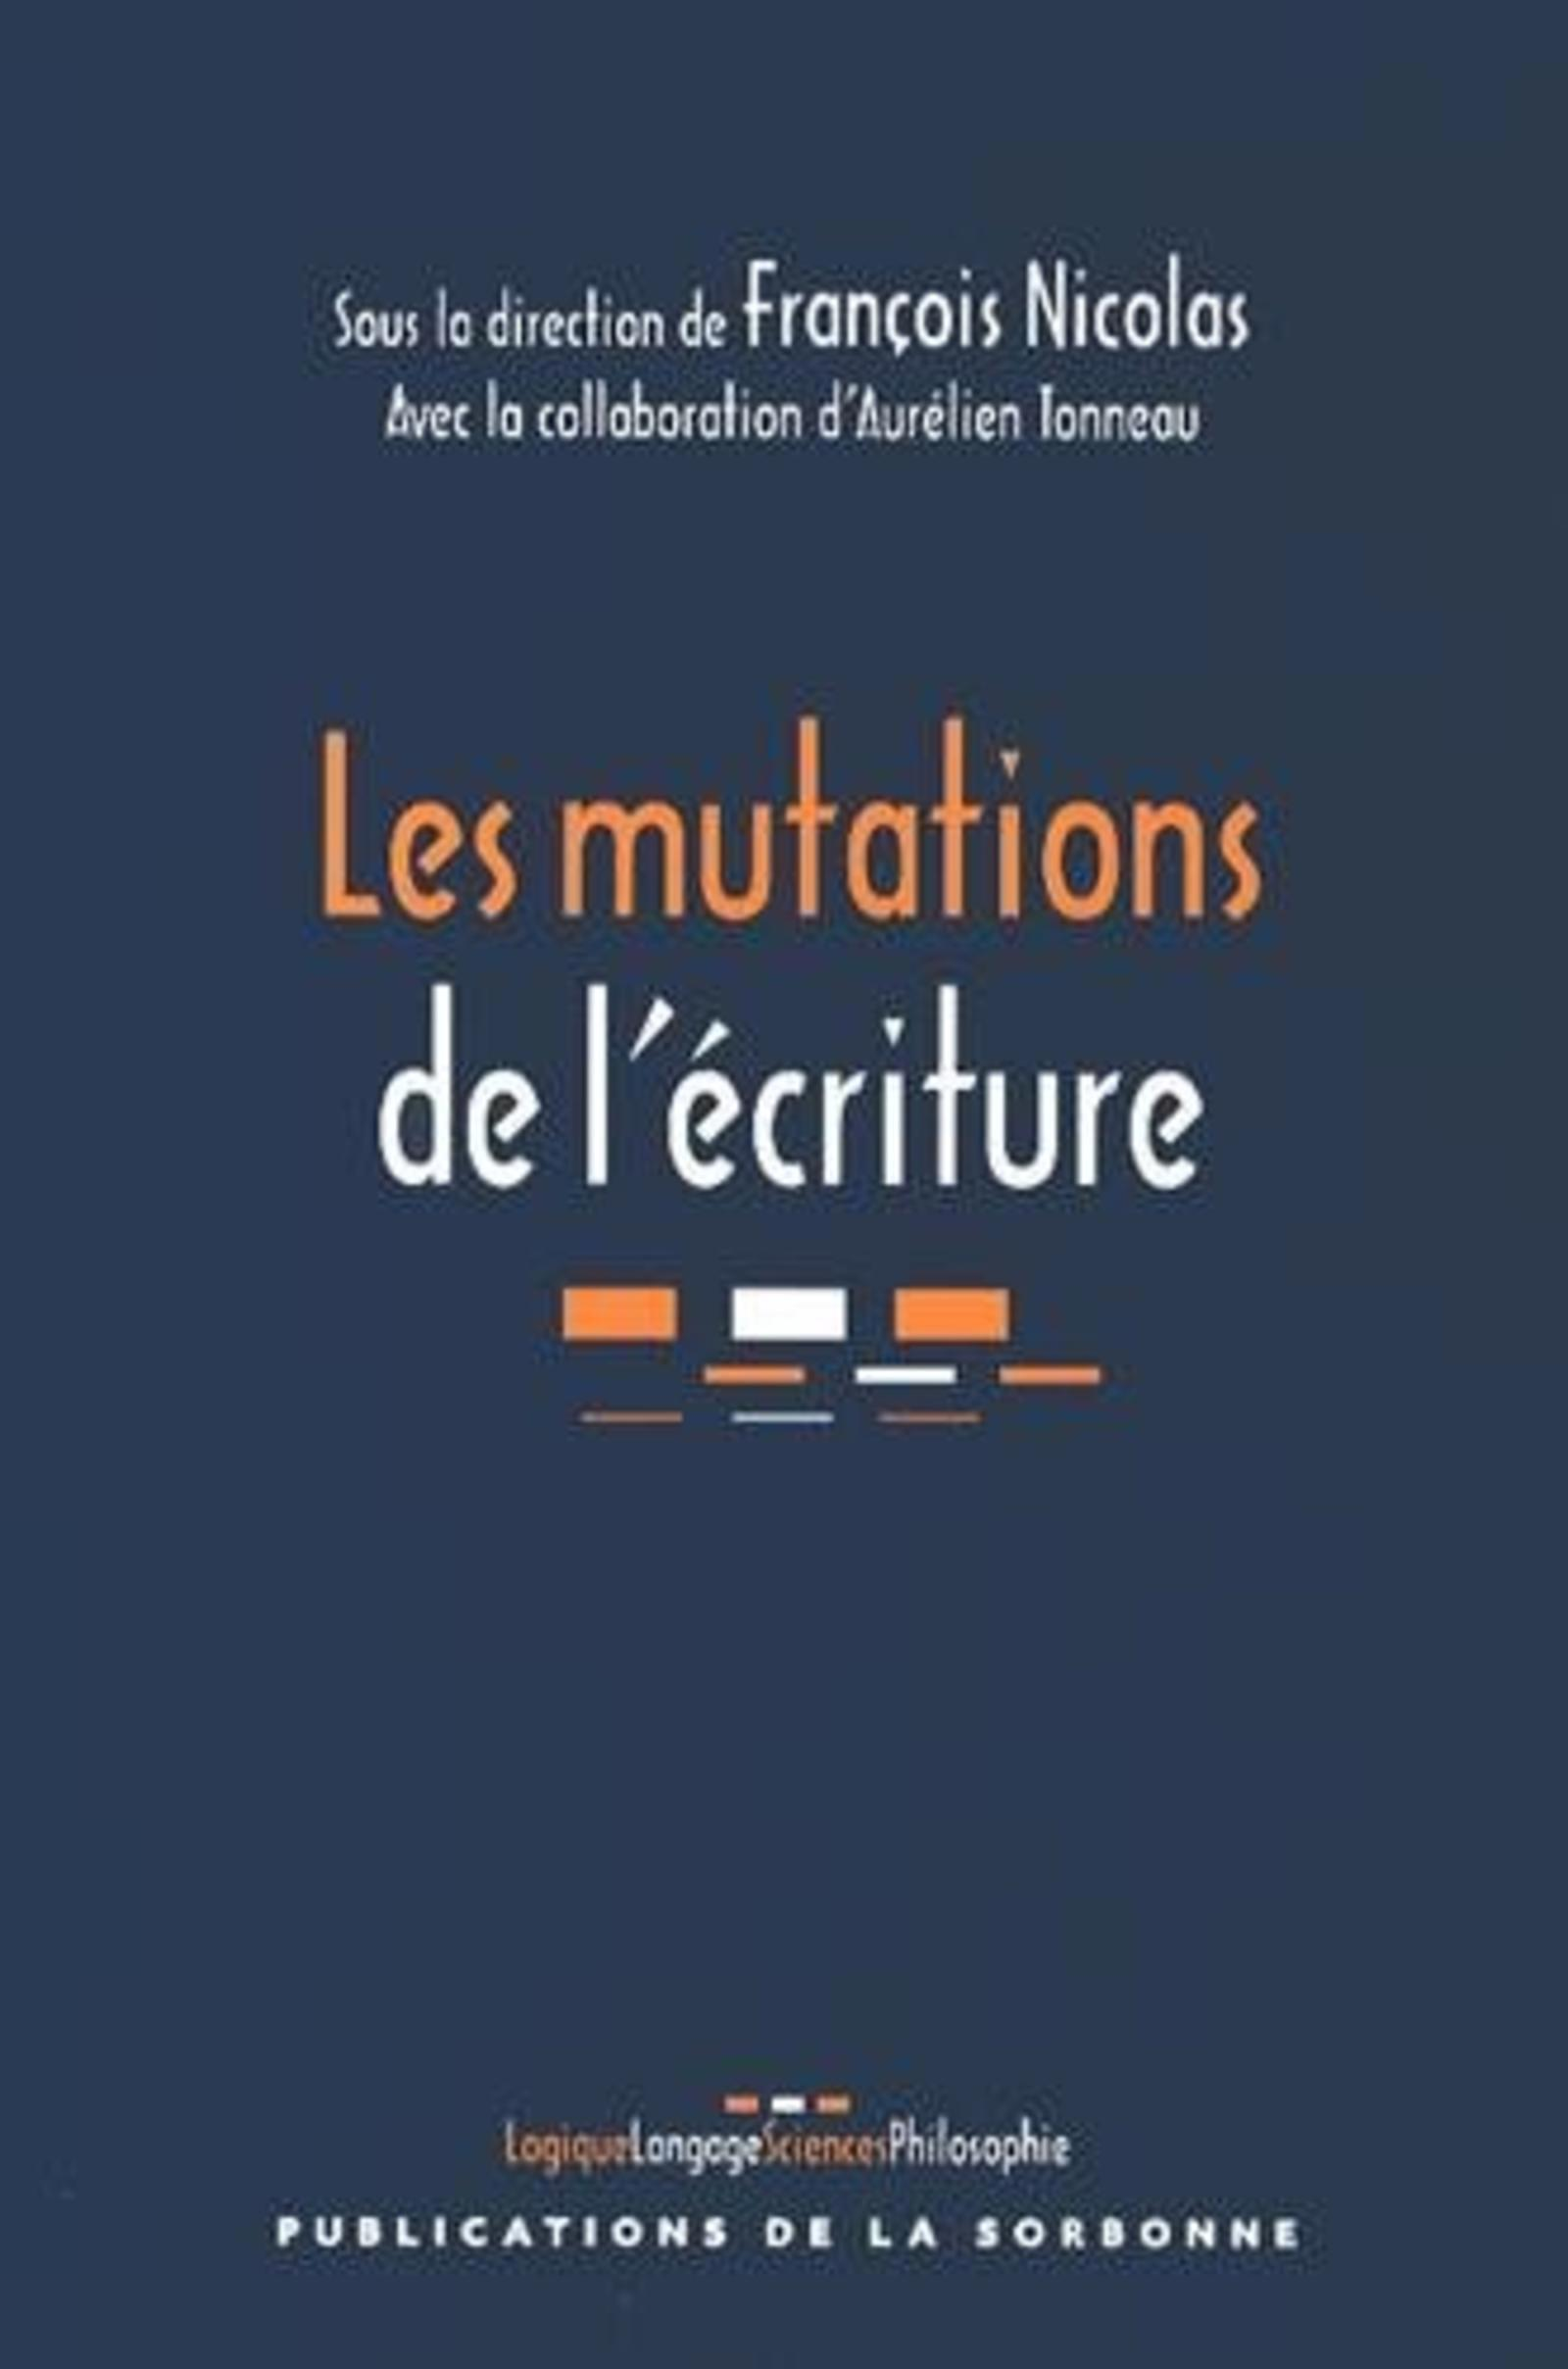 LES MUTATIONS DE L'ECRITURE